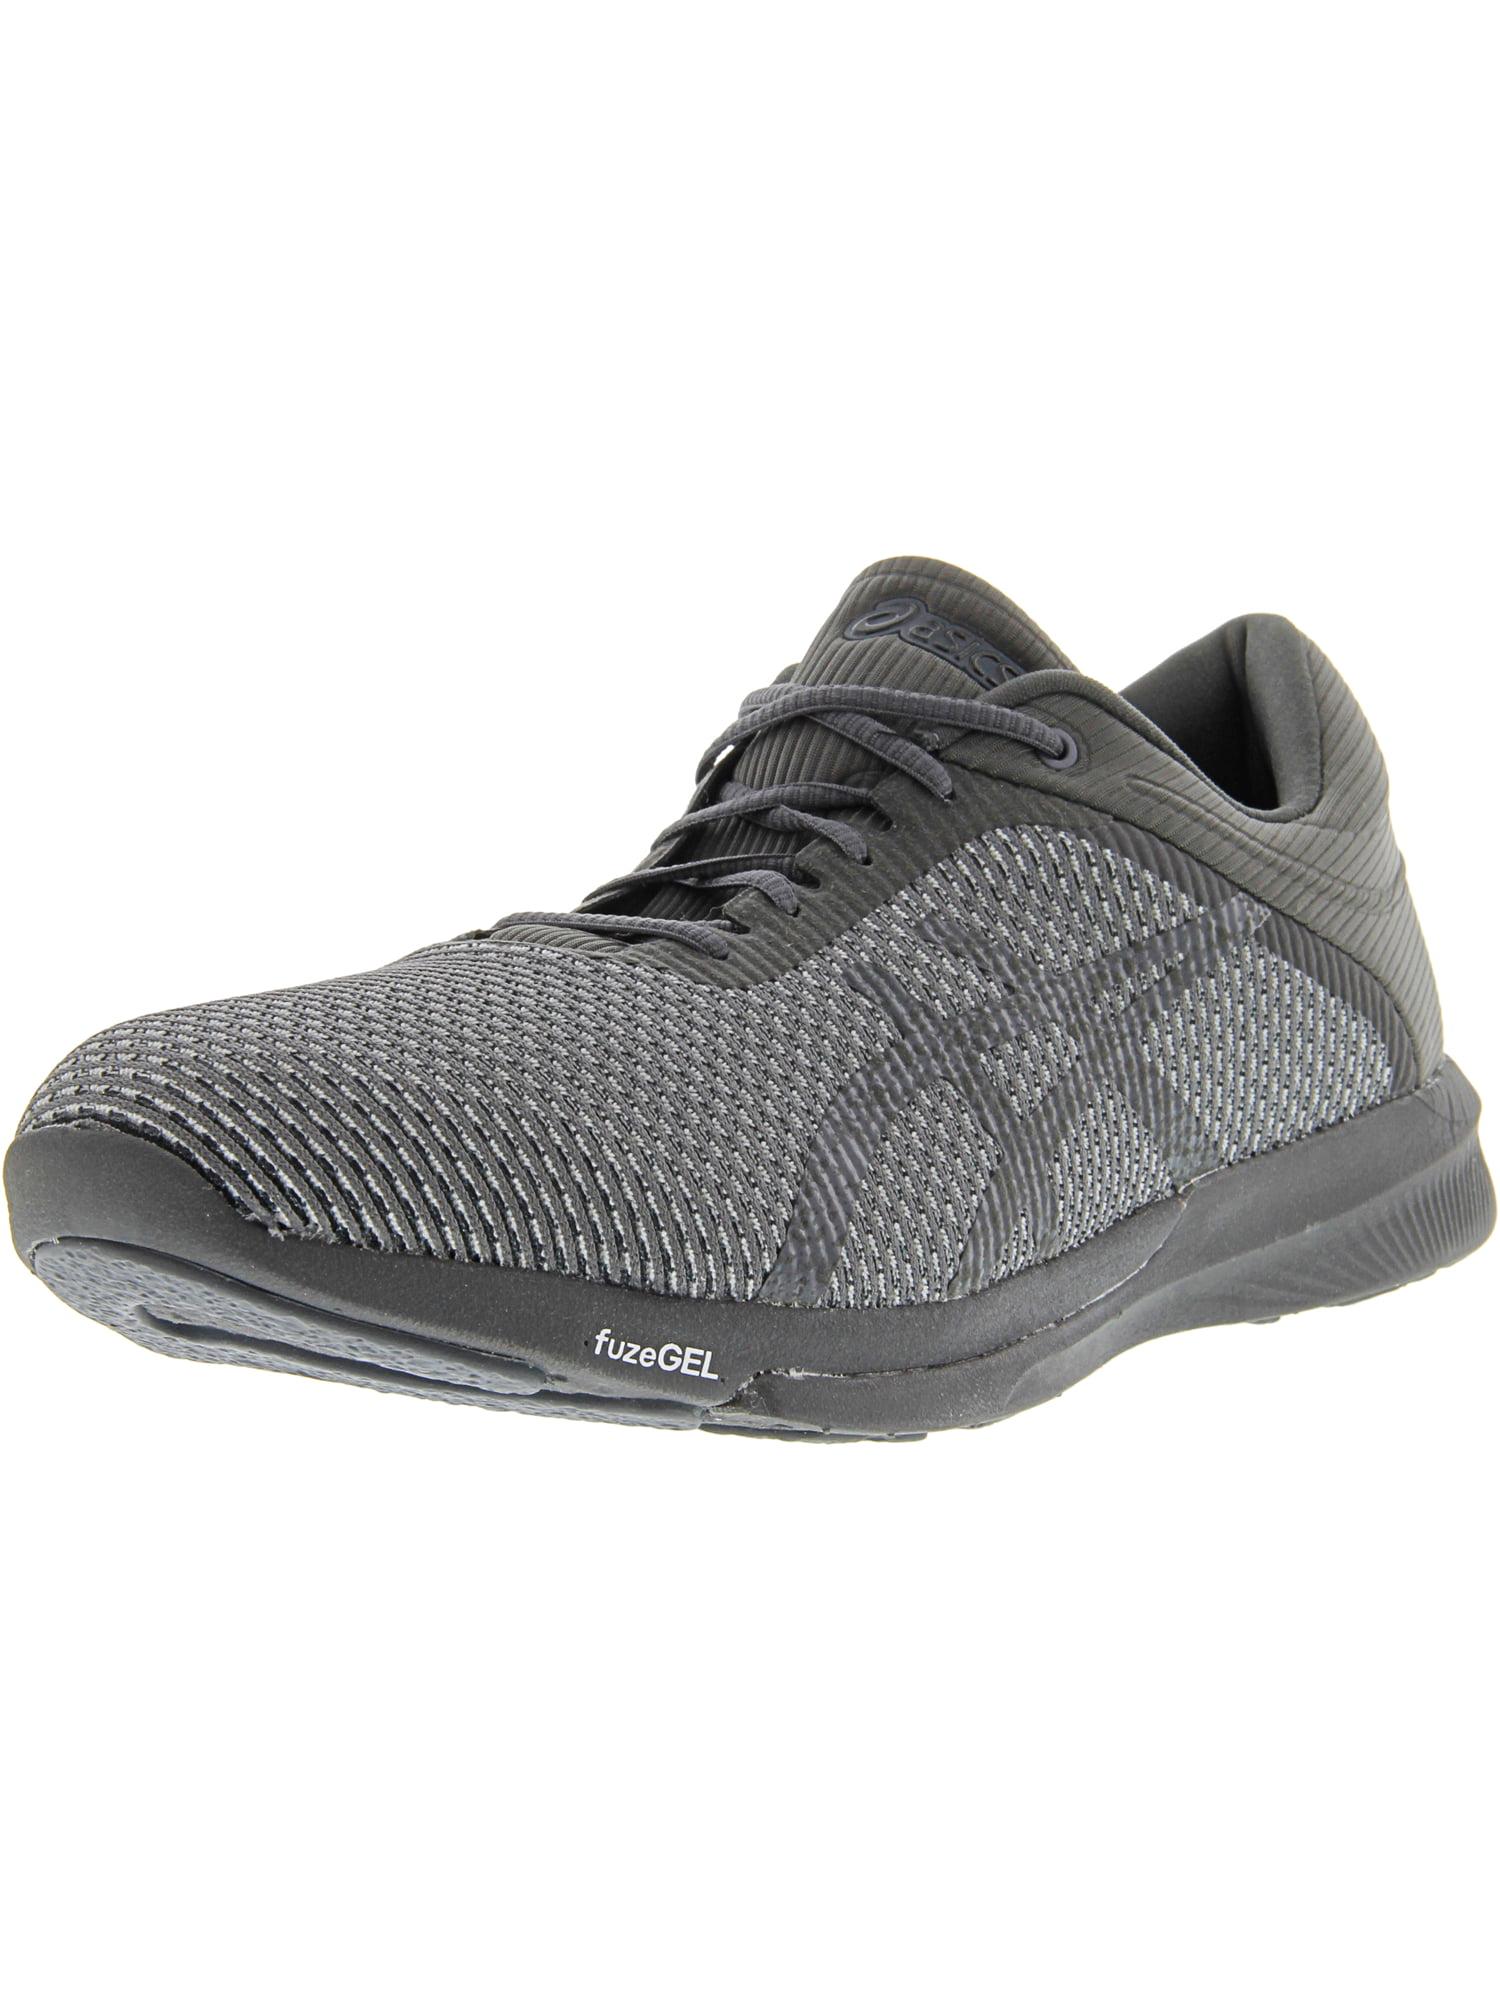 Asics Men's Fuzex Rush Cm Phantom Hot Orange Ankle High Running Shoe 14M